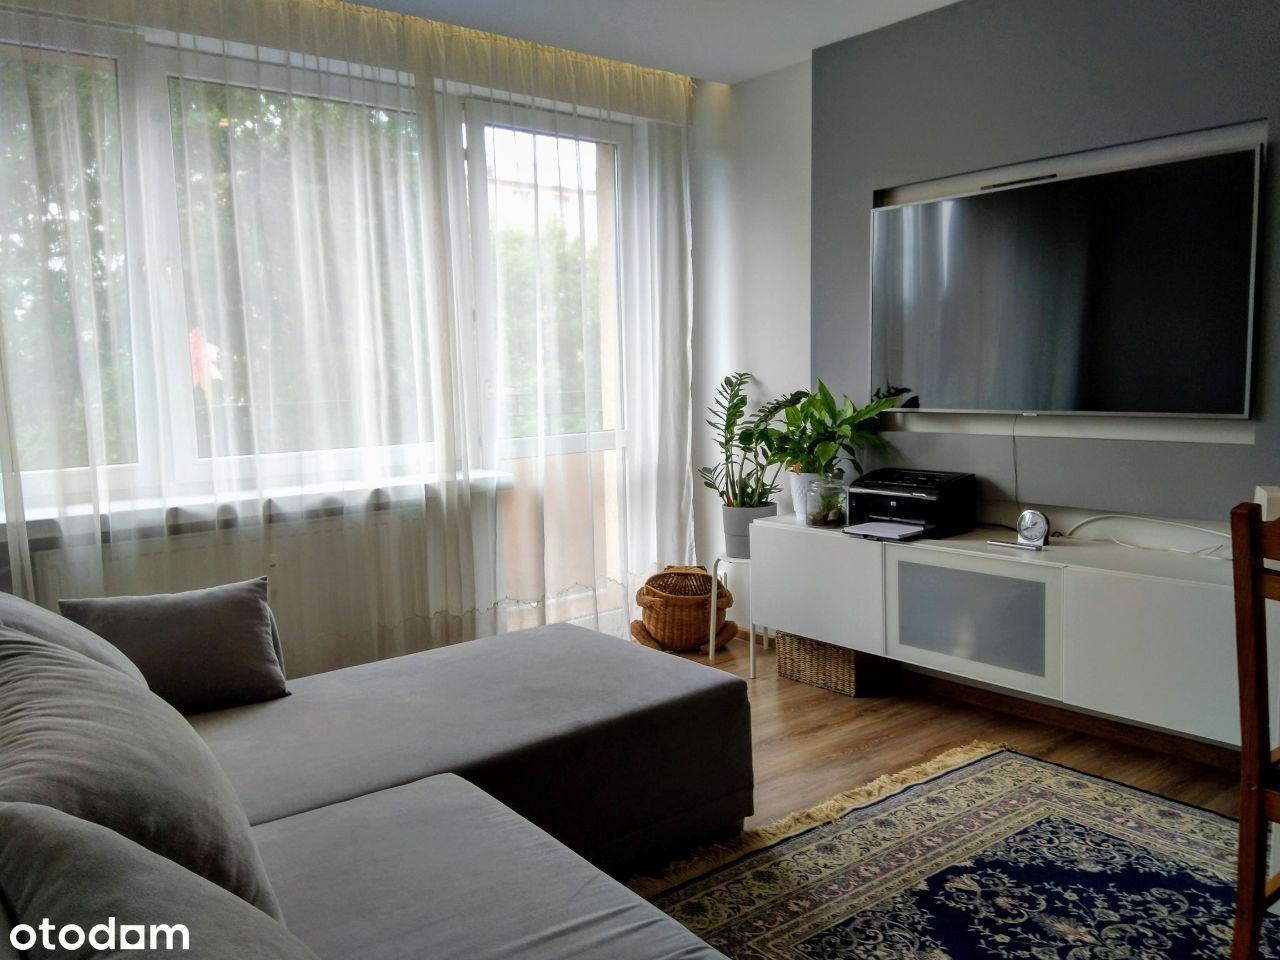 Mazowiecka 4 pokoje z balkonem bezpośrednio